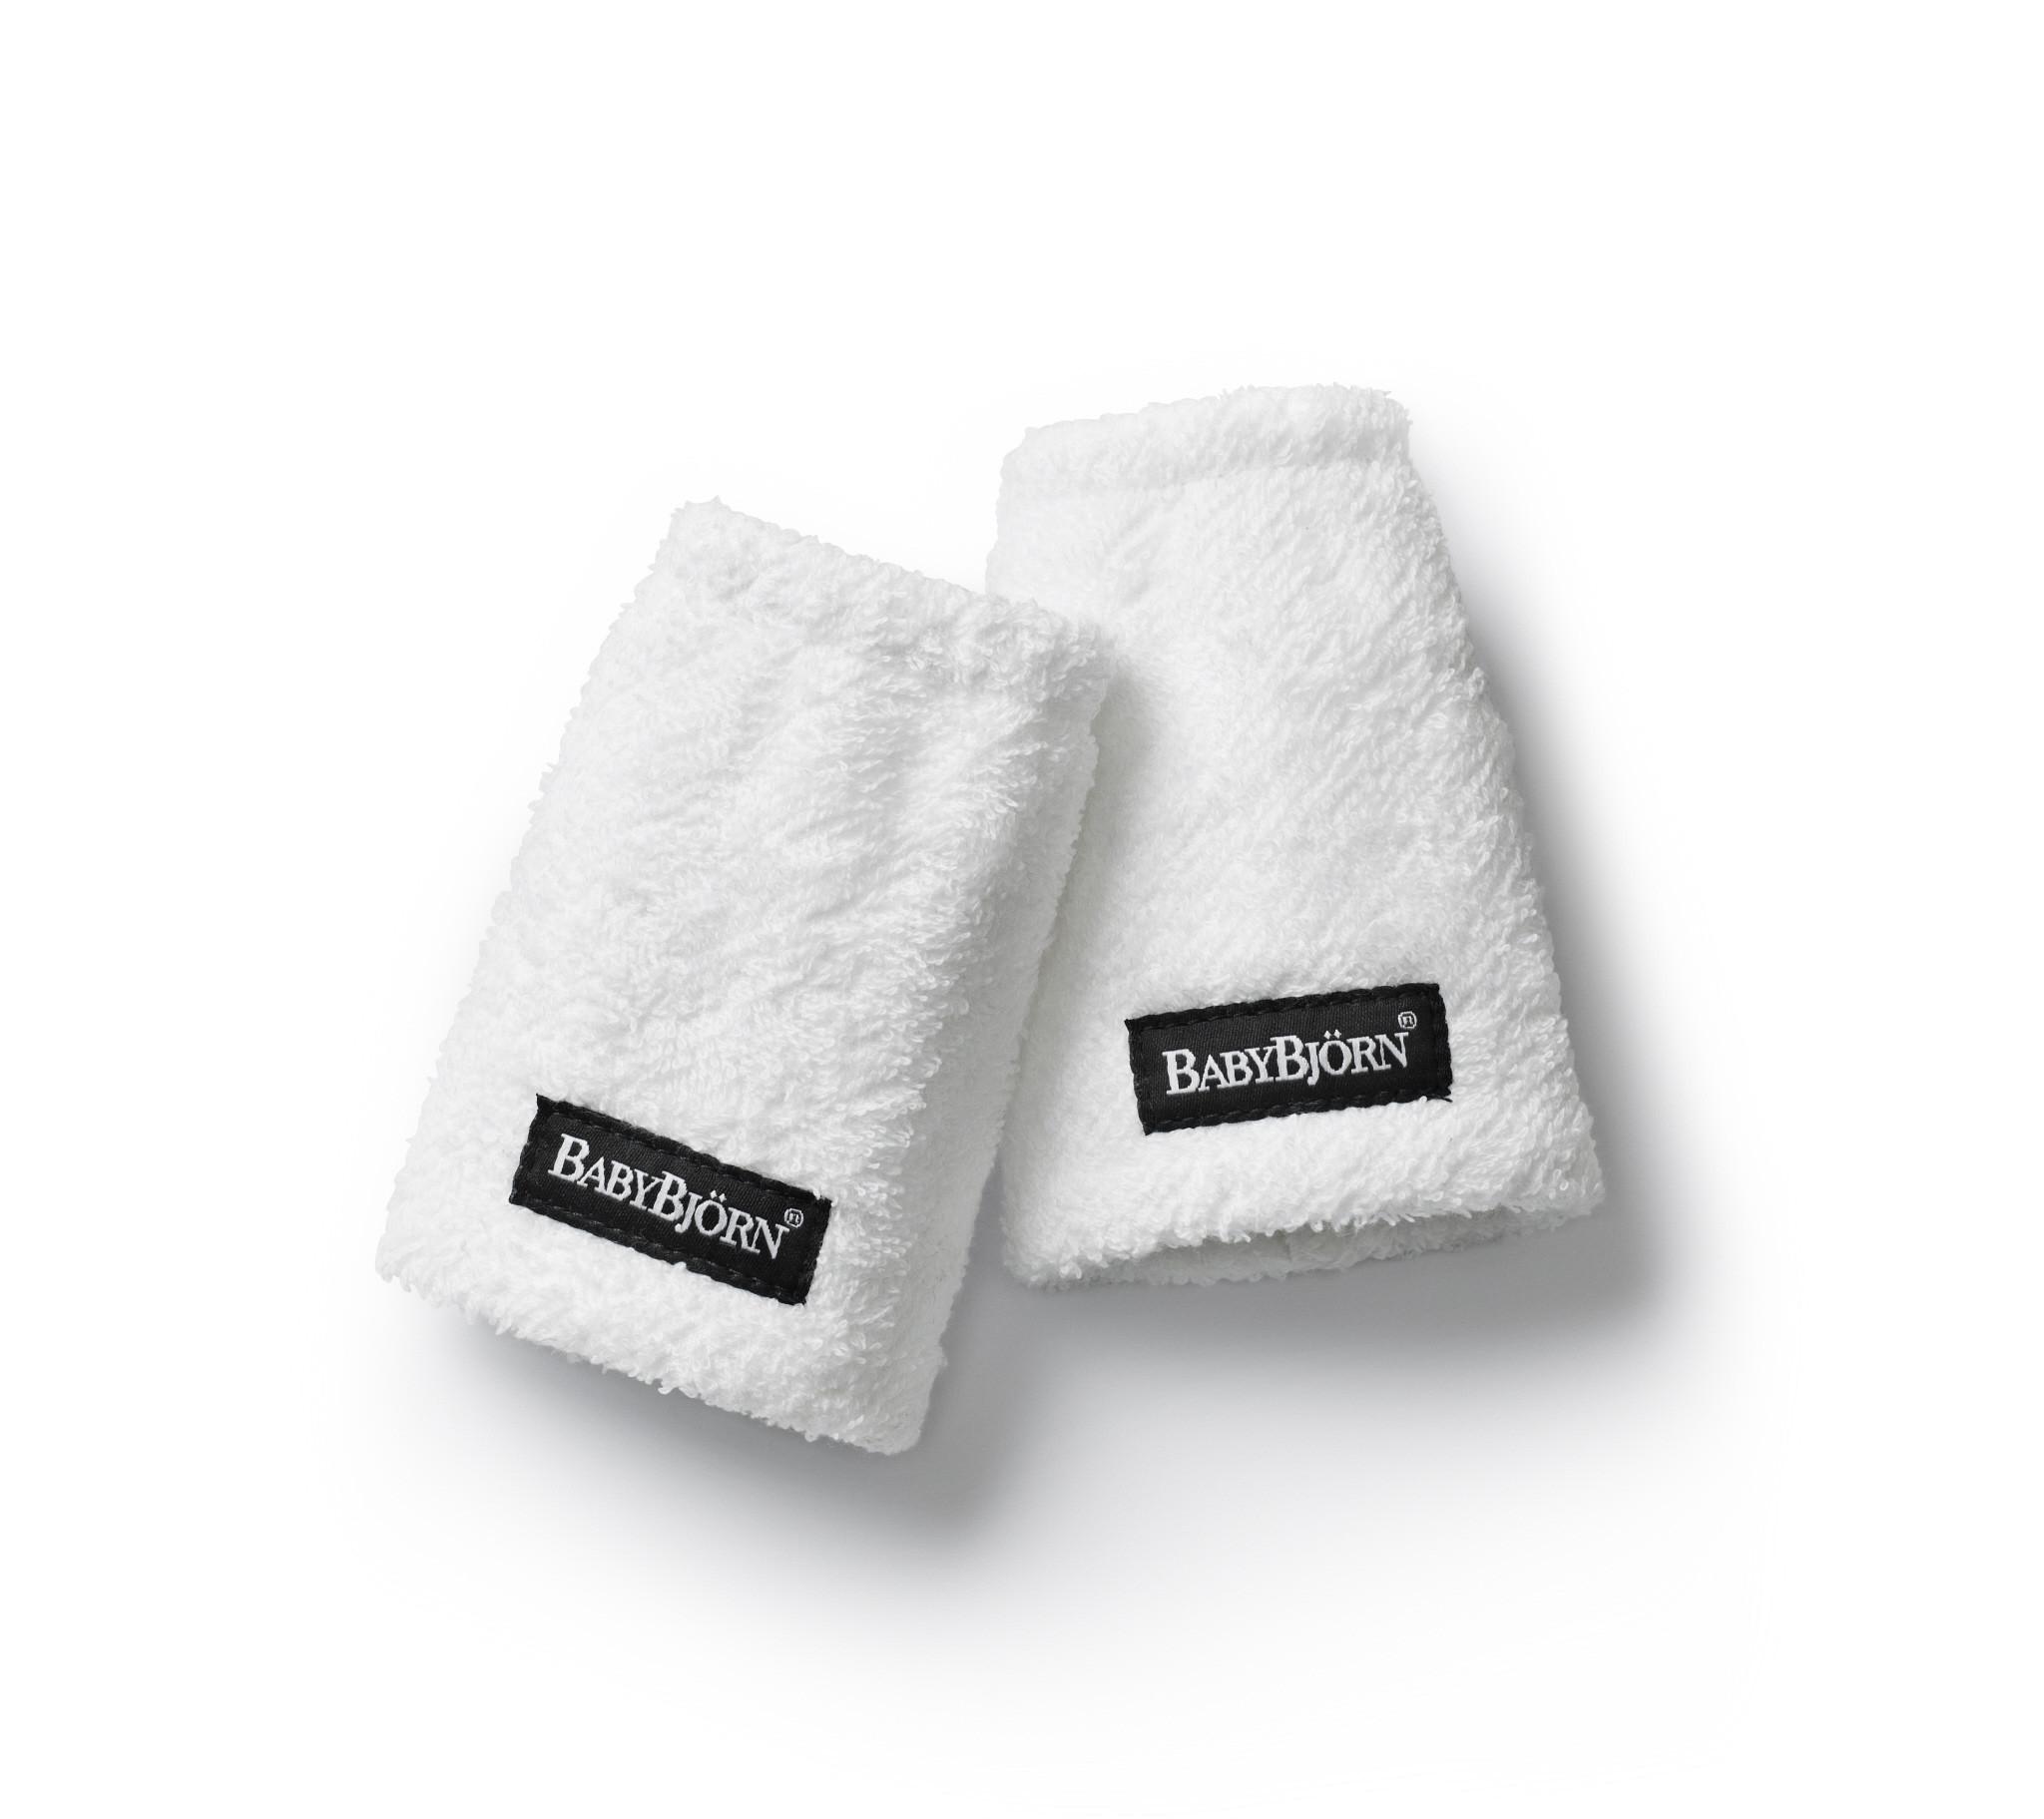 BABYBJORN - nakładki ochronne do nosidełka ergonomicznego